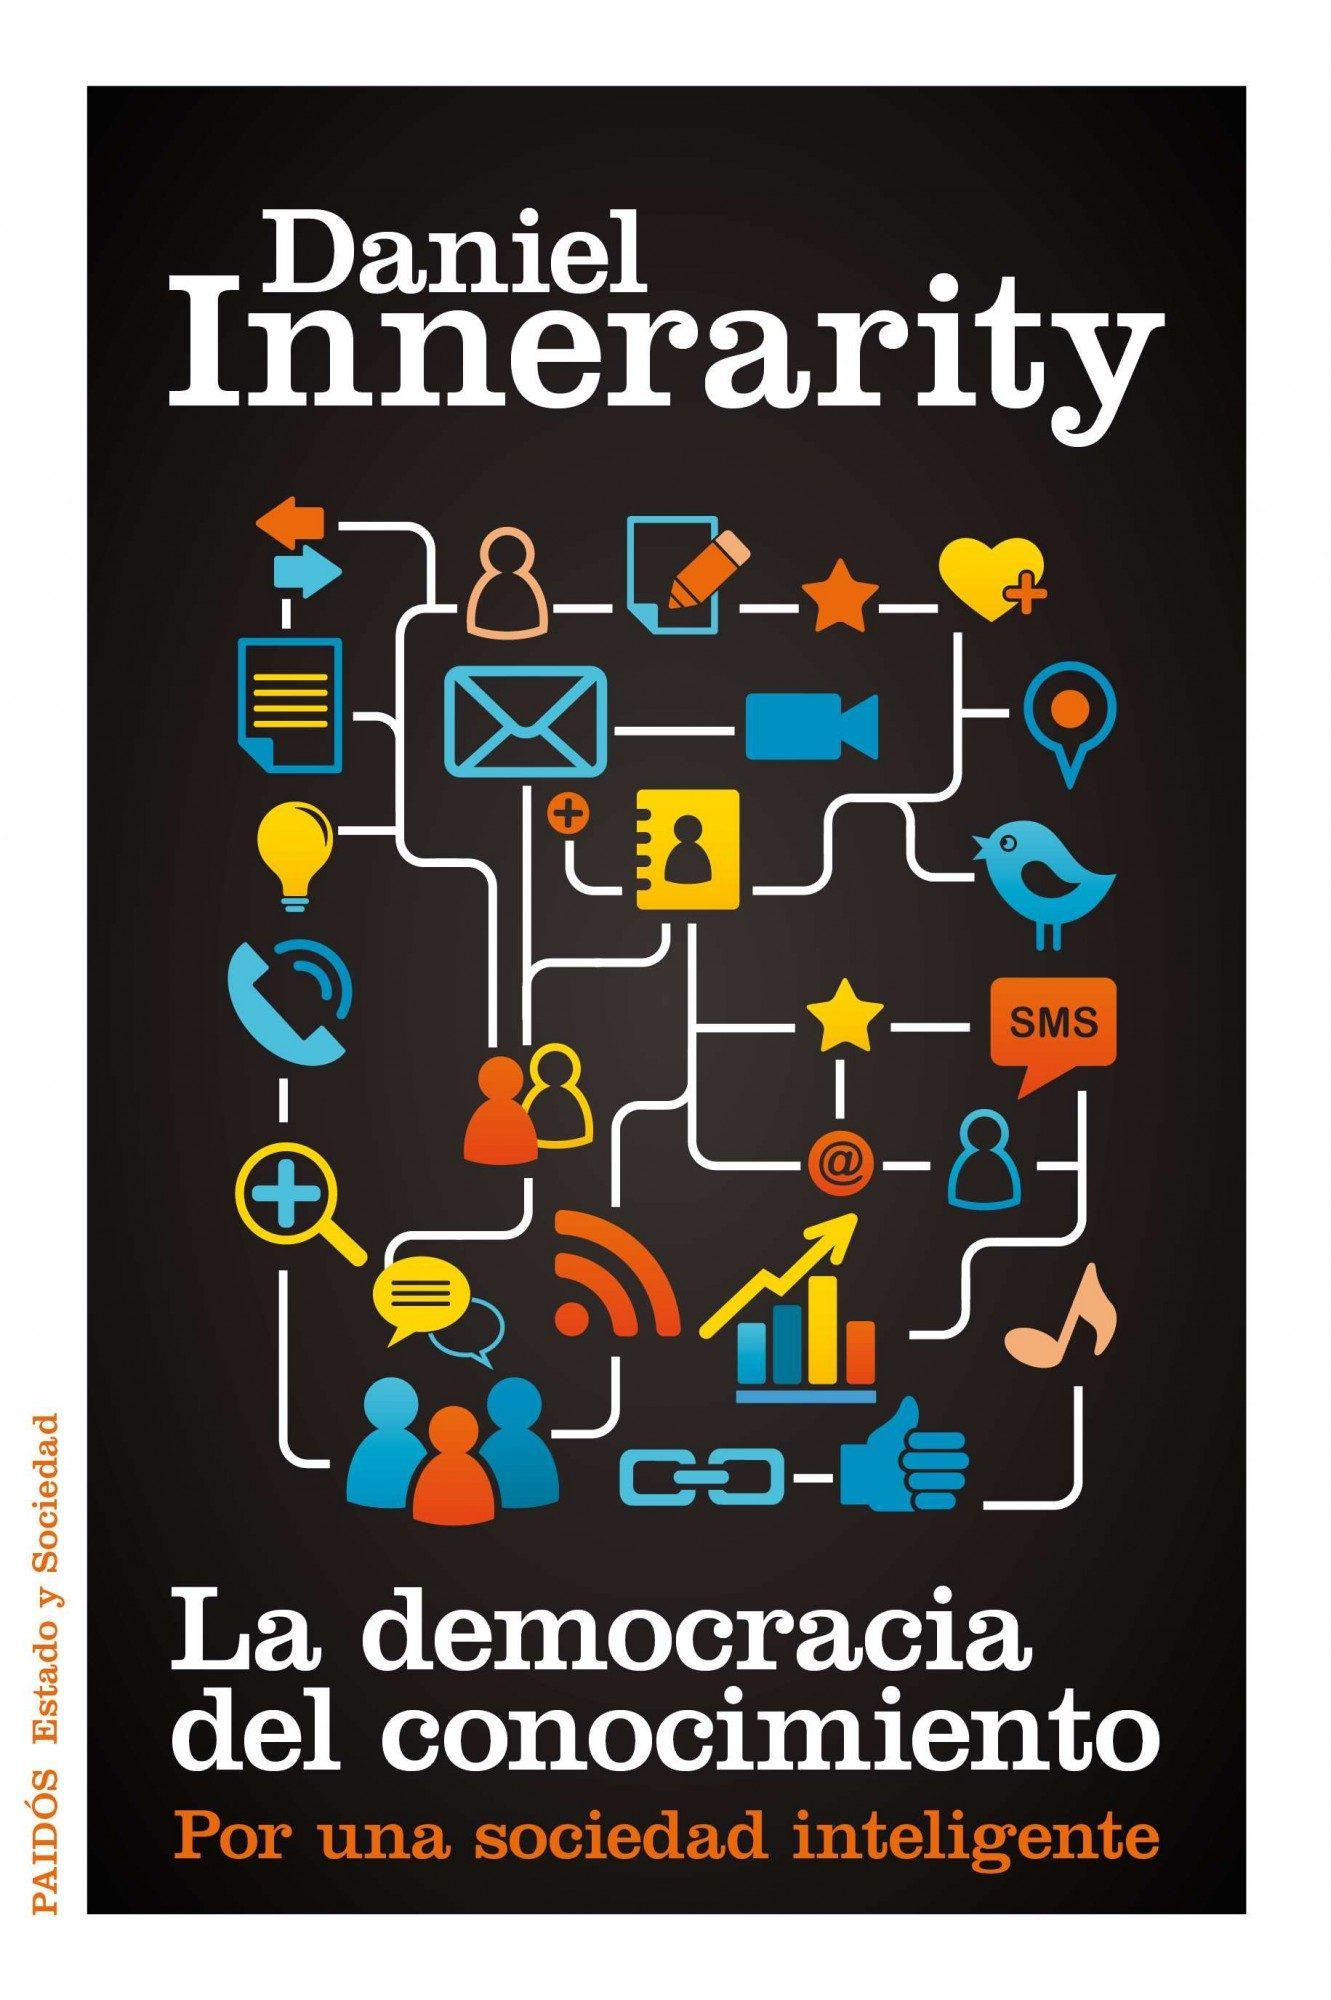 La democracia del conocimiento - Por una sociedad más inteligente